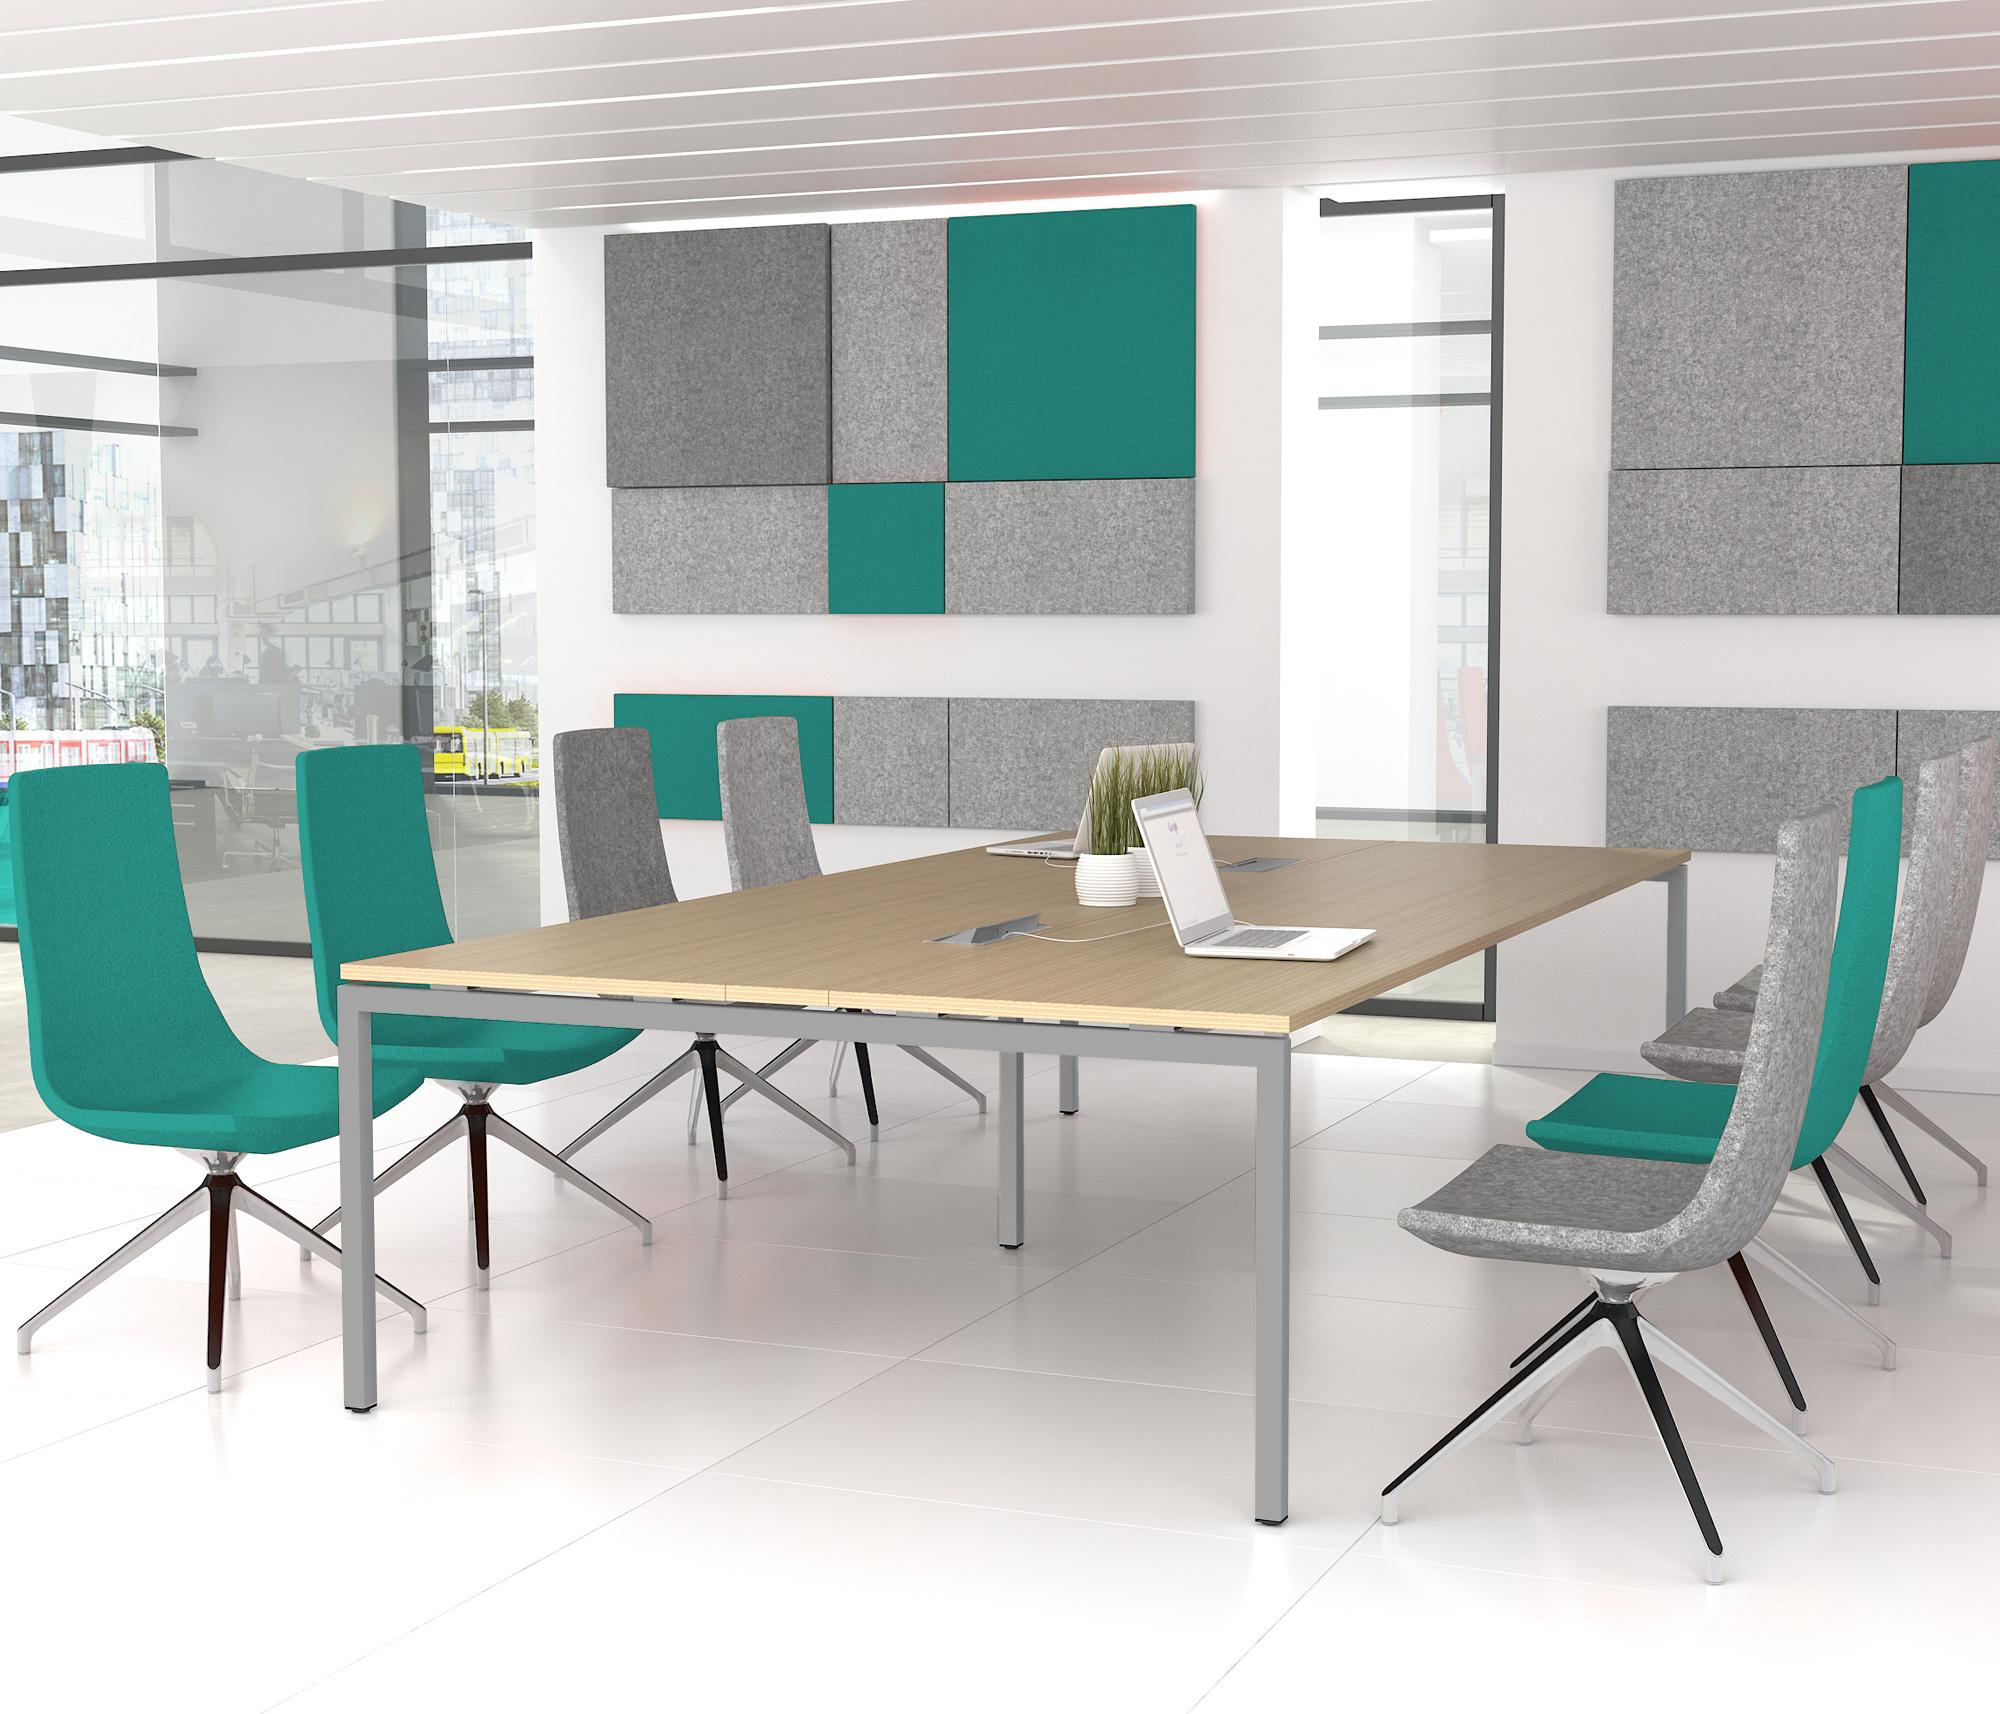 konferenztisch nova x mm eiche elektrifizierung 10 12 personen b rotische. Black Bedroom Furniture Sets. Home Design Ideas